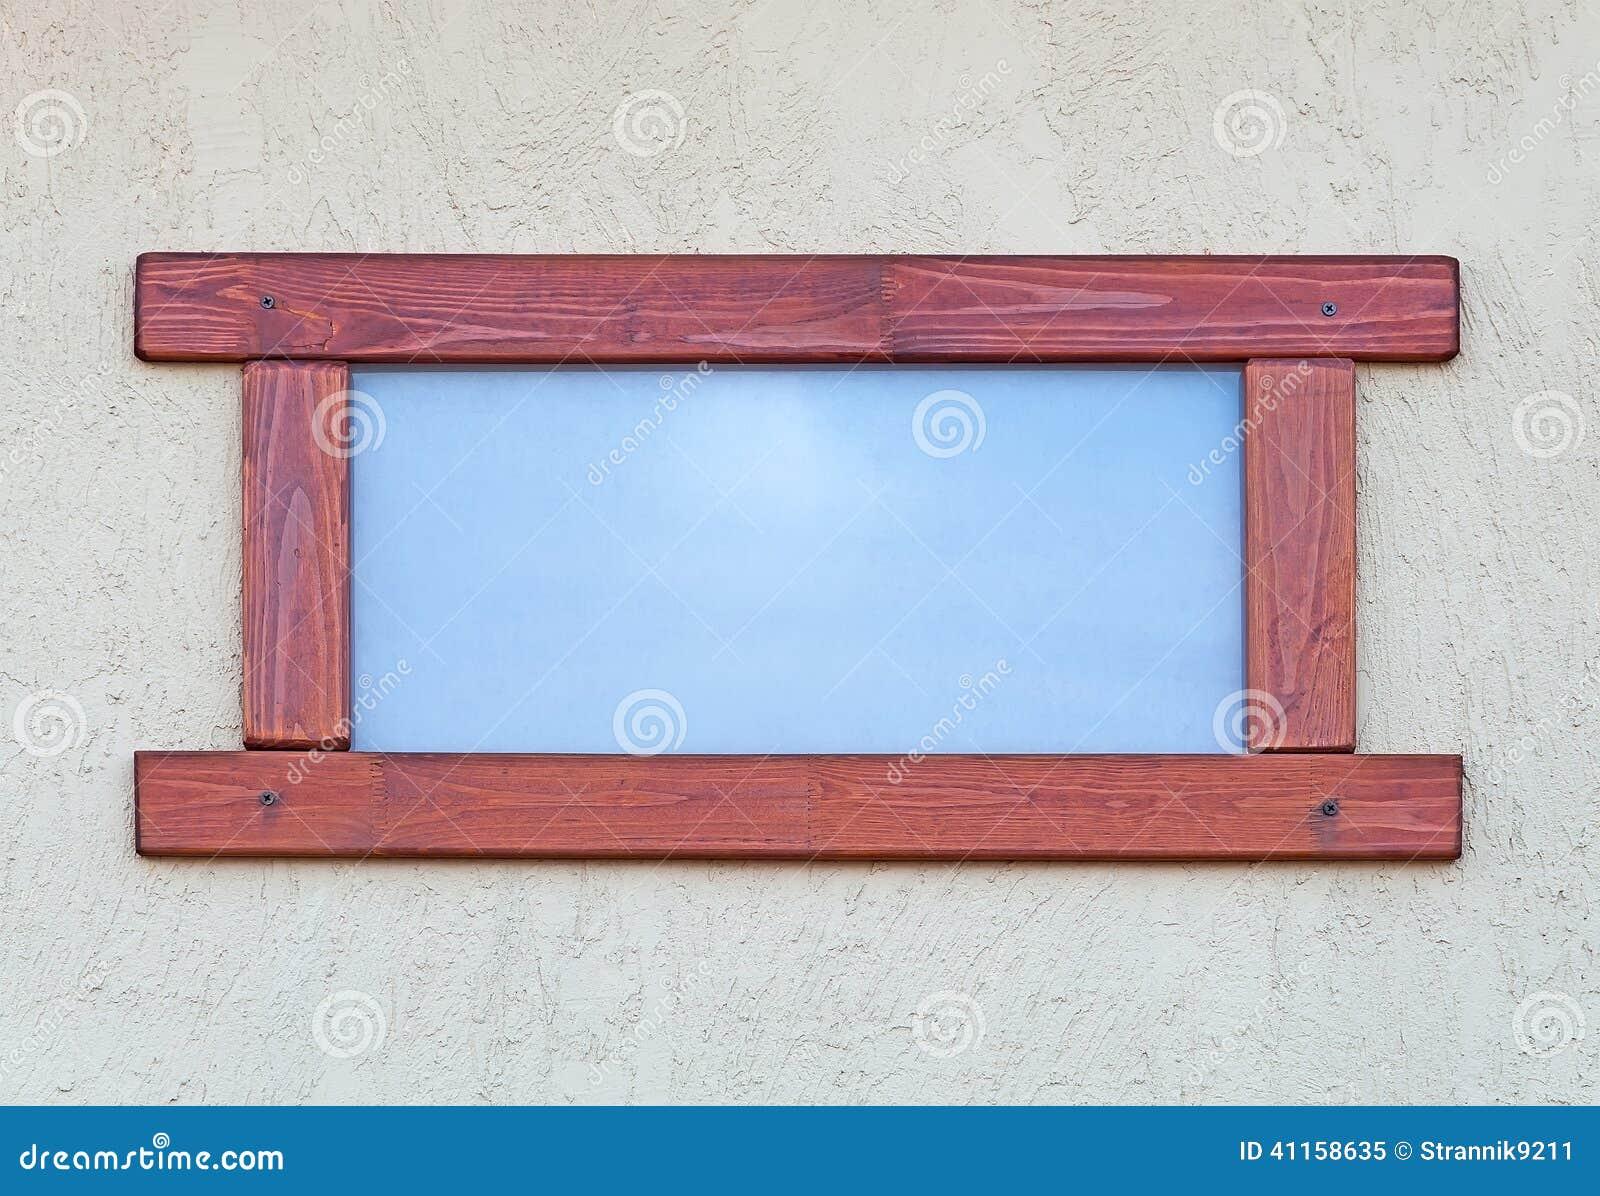 Finestra nel telaio di legno immagine stock immagine - Telaio finestra legno ...